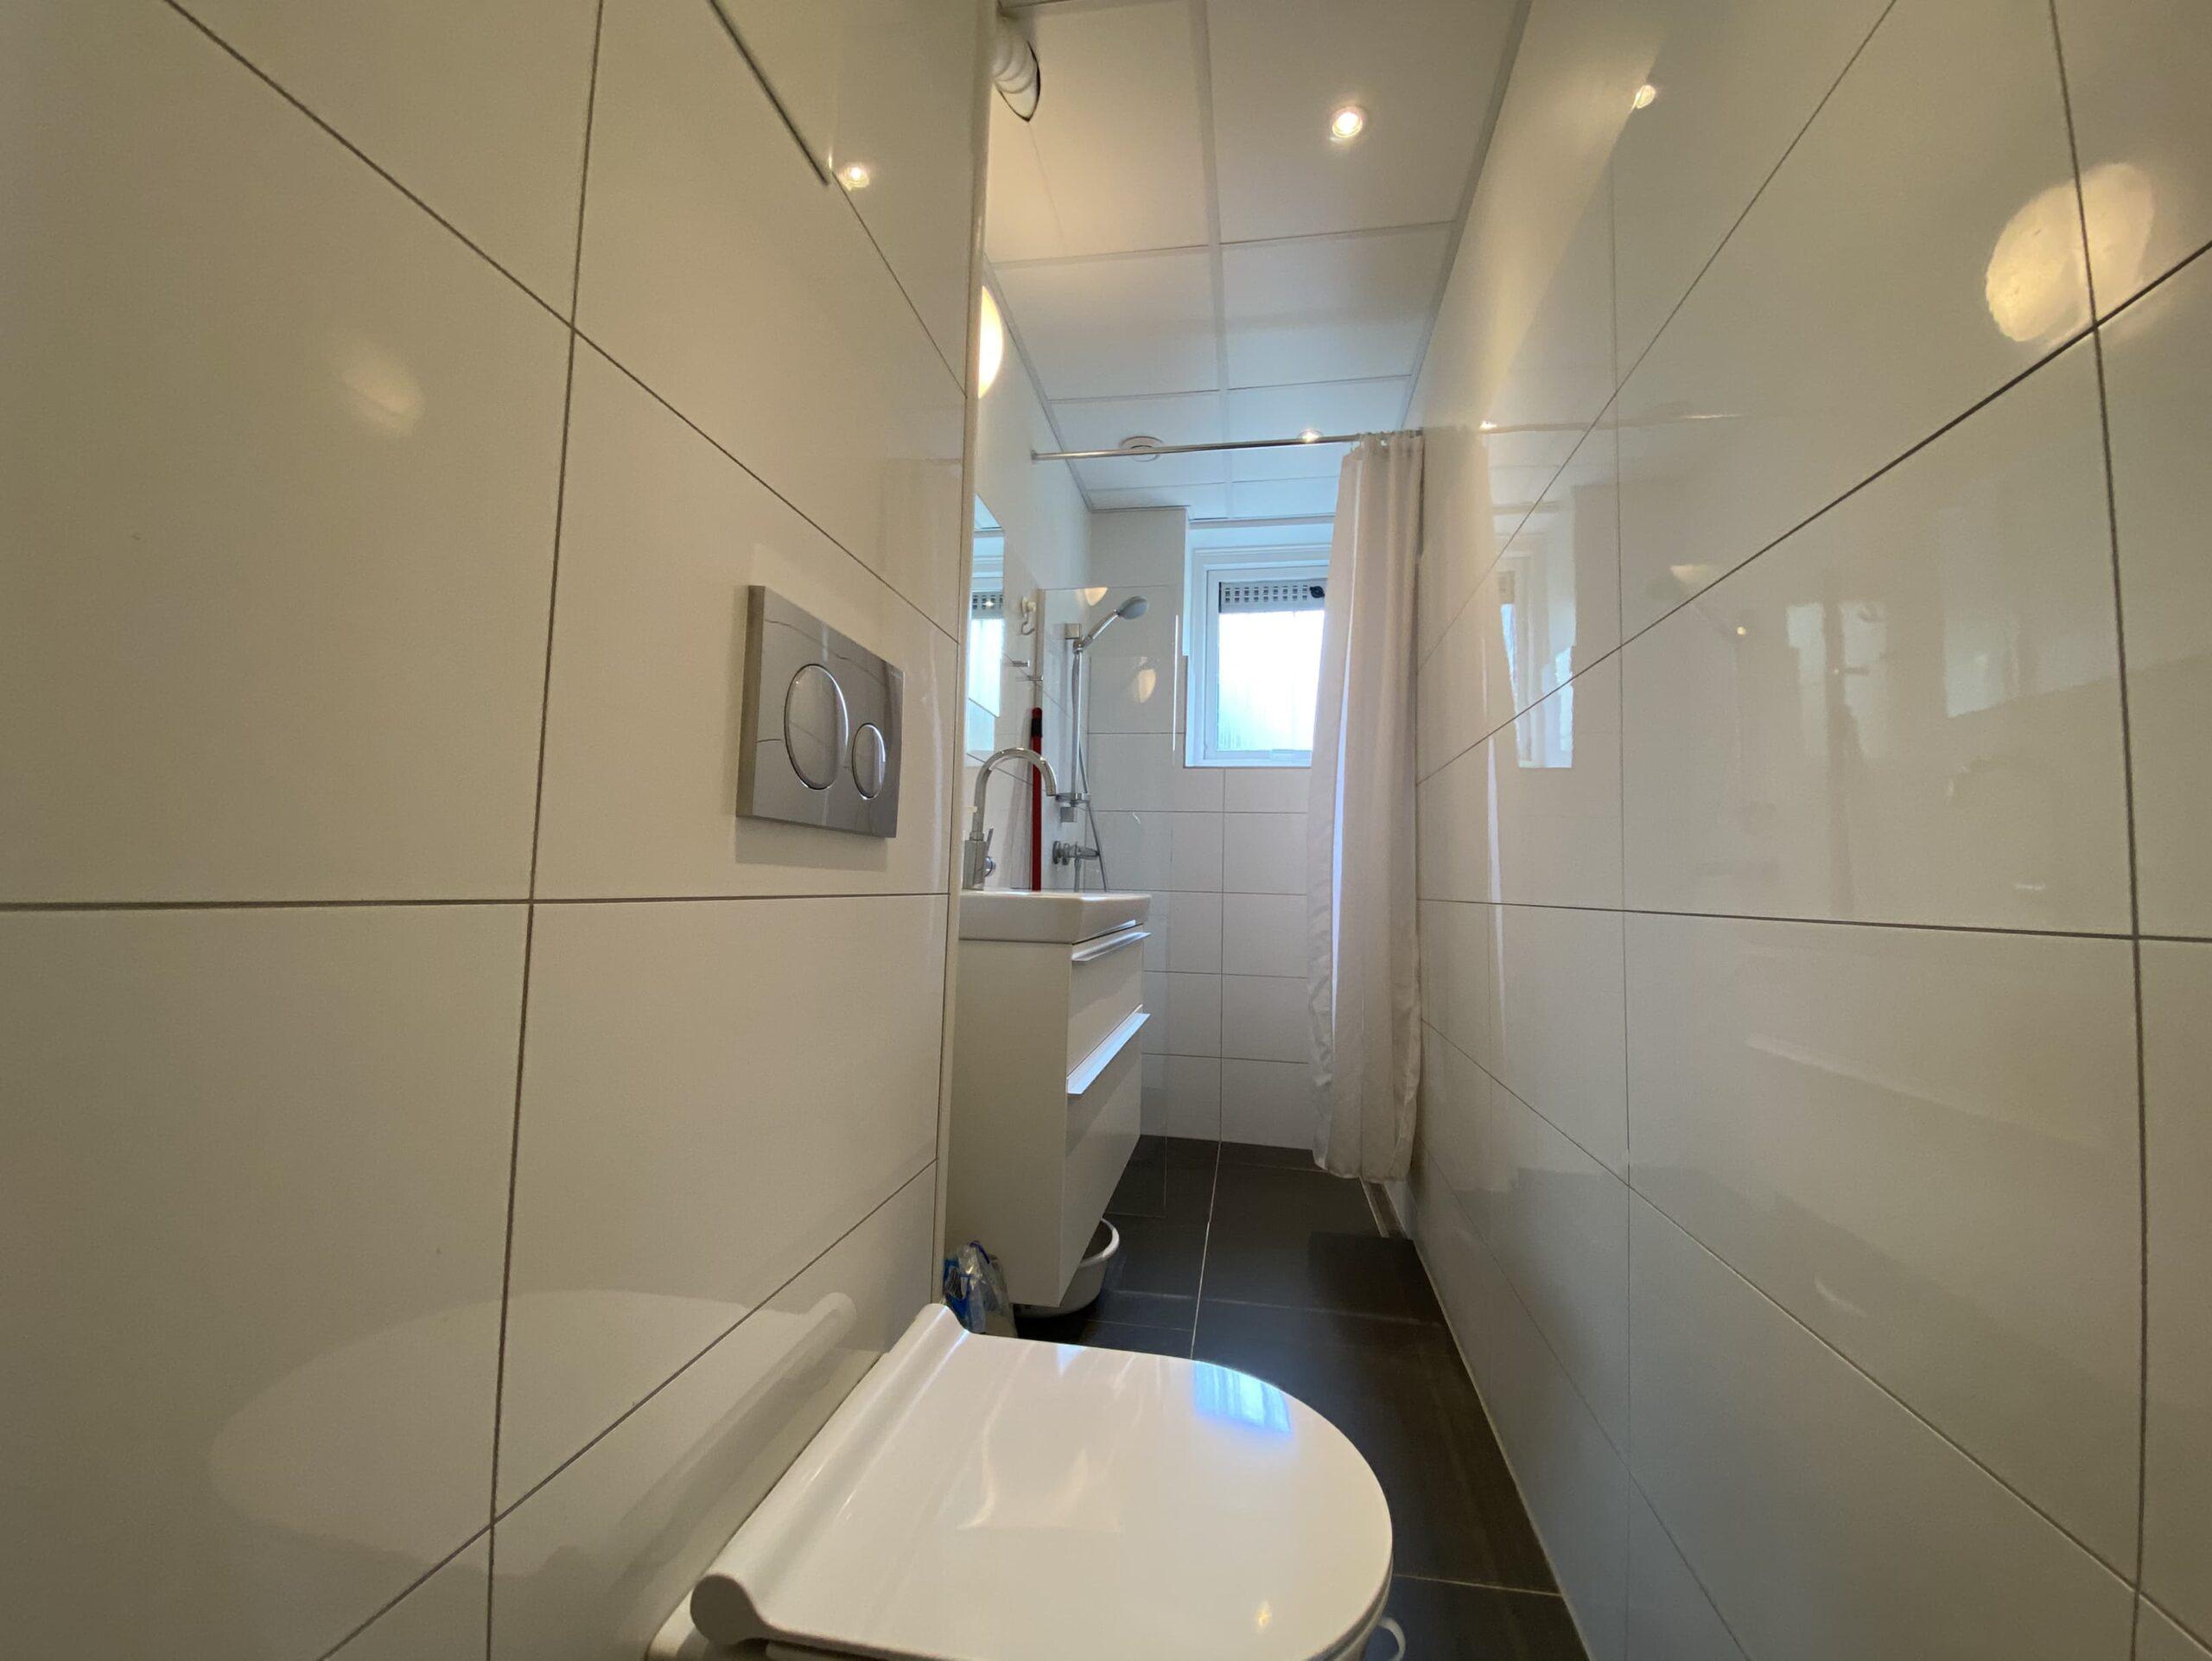 badeværeælse